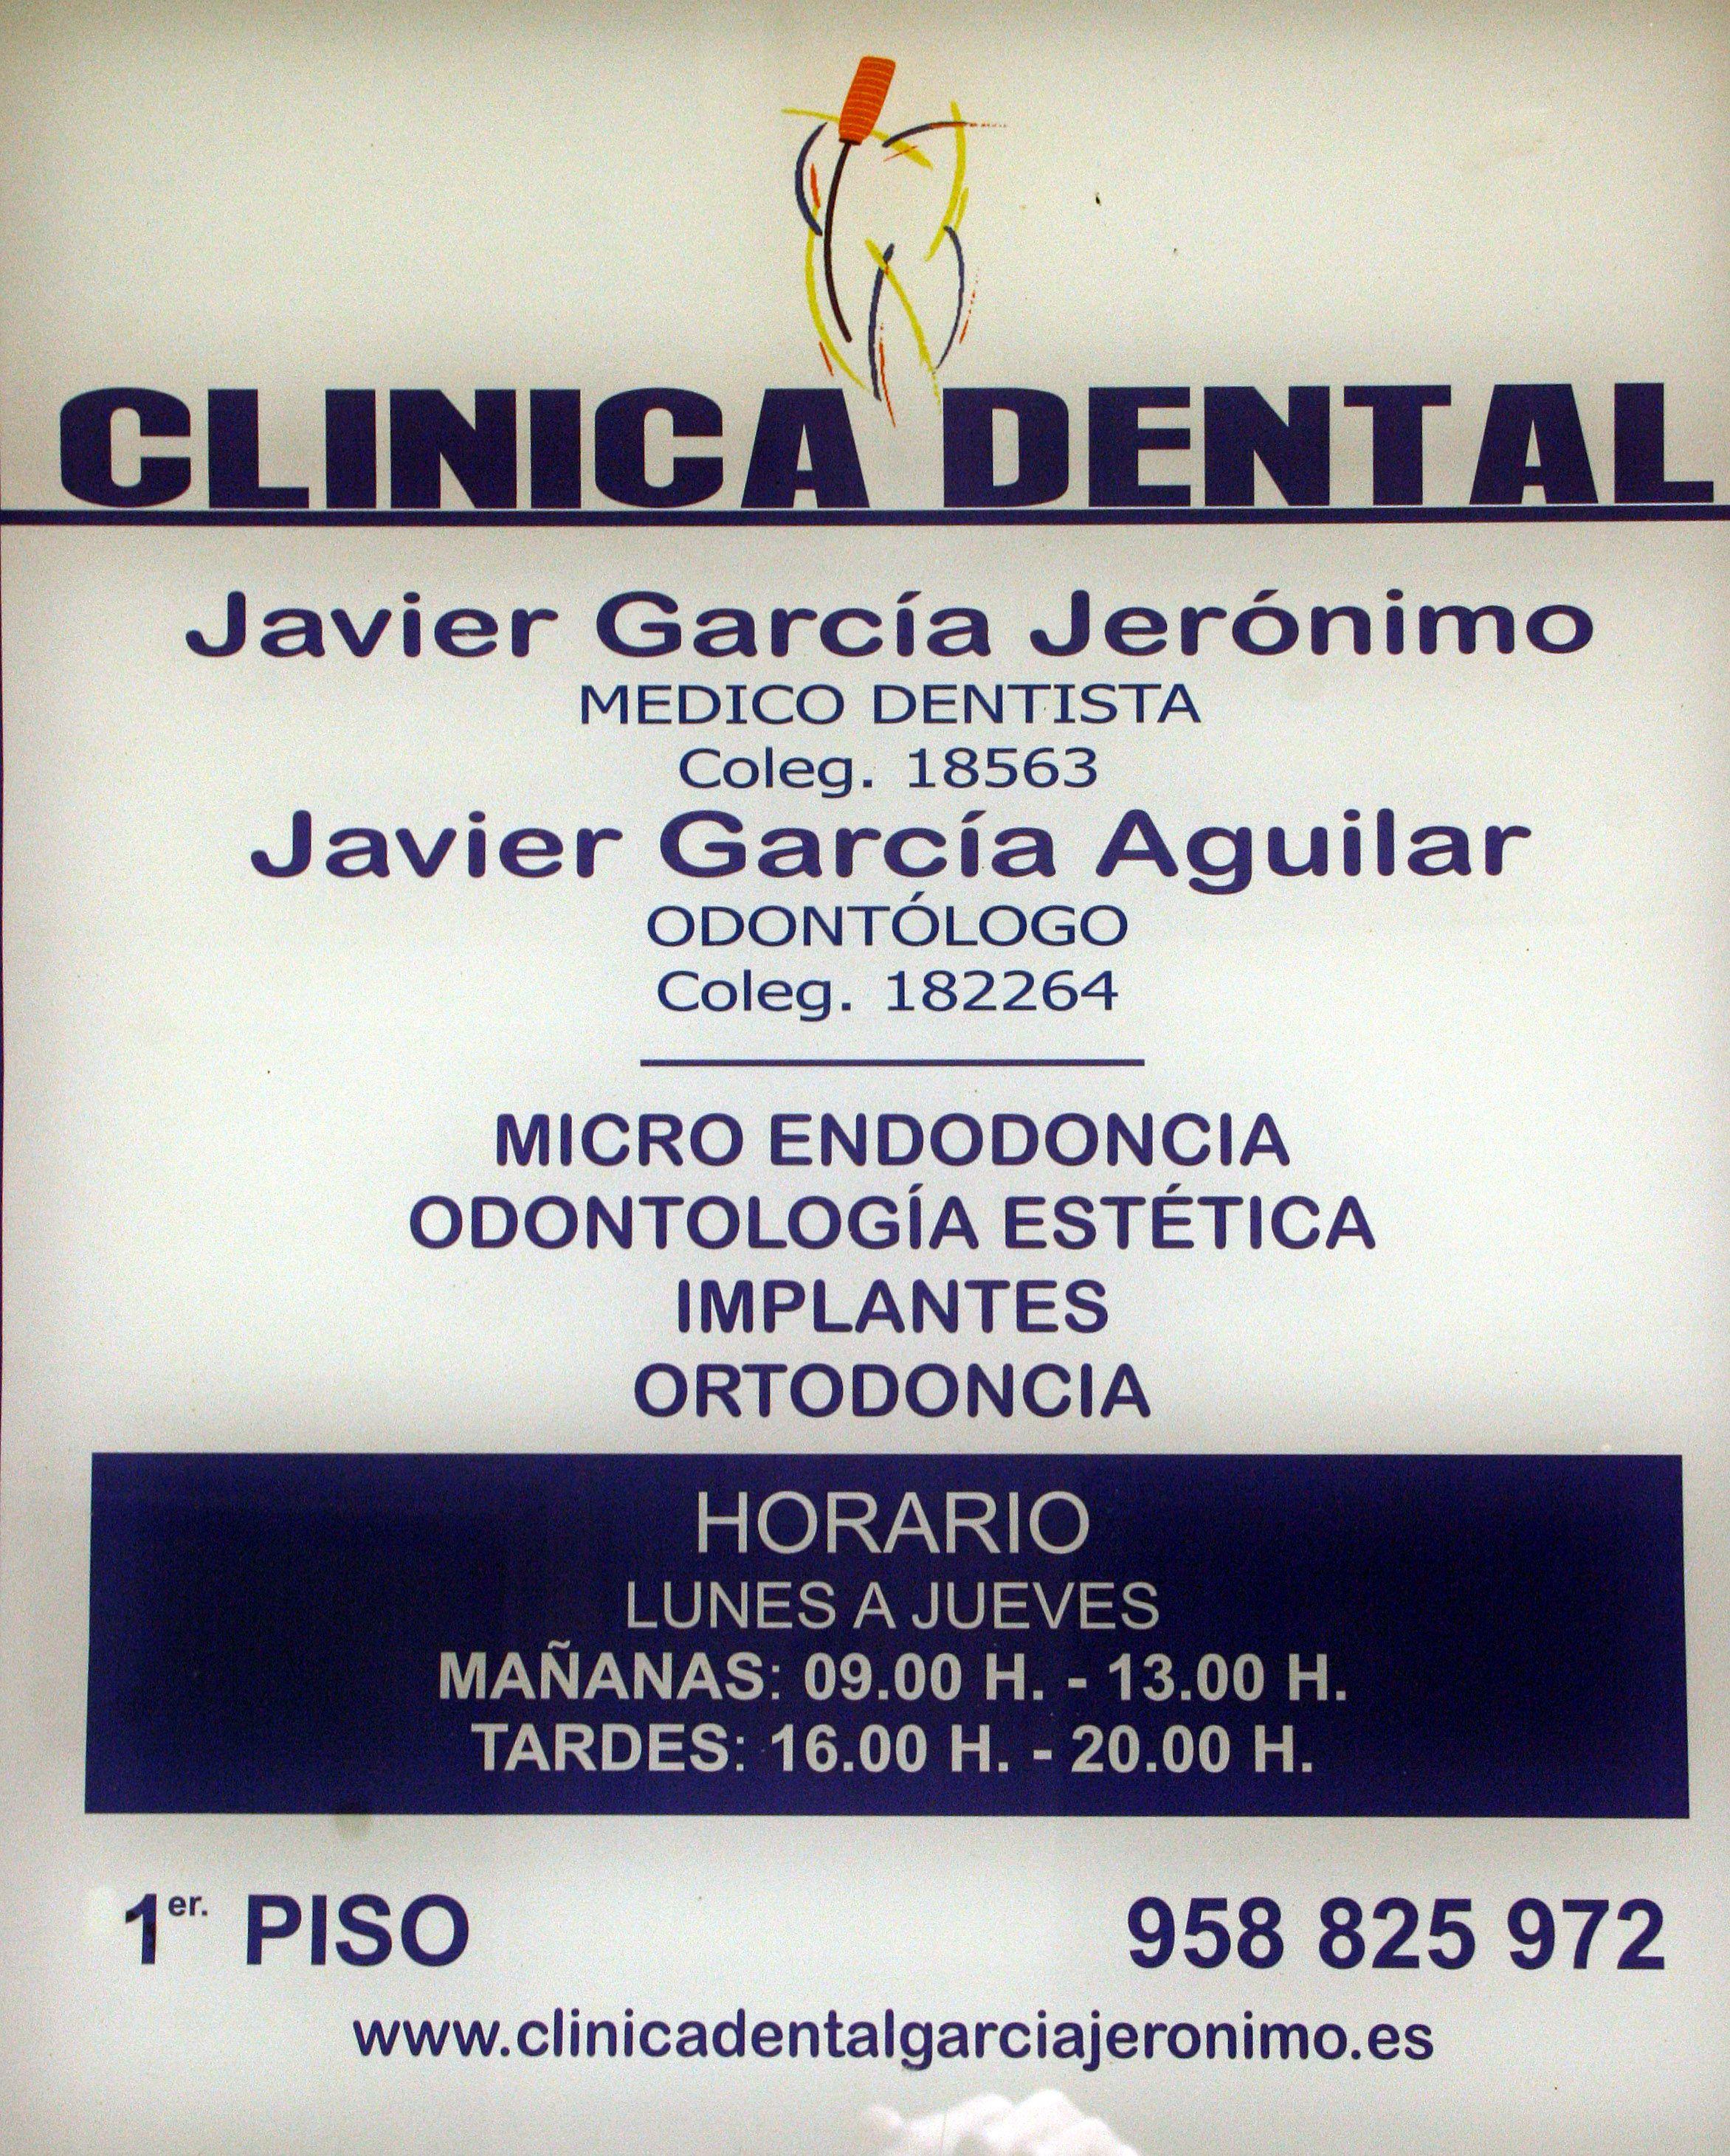 Foto 7 de Clínicas dentales en Motril | Clínica Dental Francisco Javier García Jerónimo